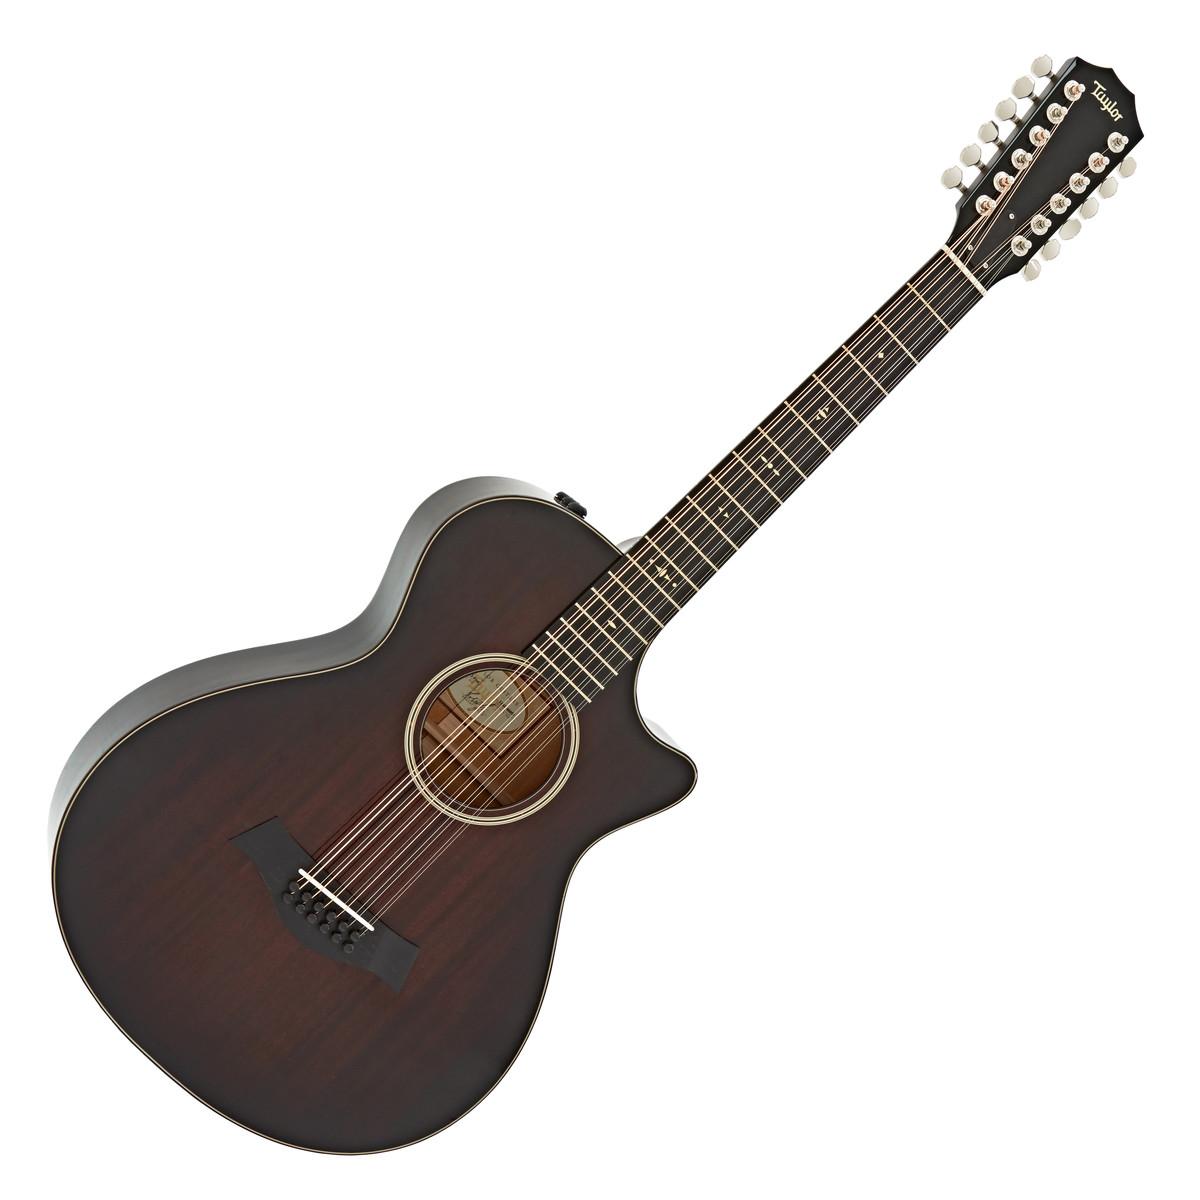 taylor 562ce 12 fret grand concert 12 string electro acoustic guitar at. Black Bedroom Furniture Sets. Home Design Ideas